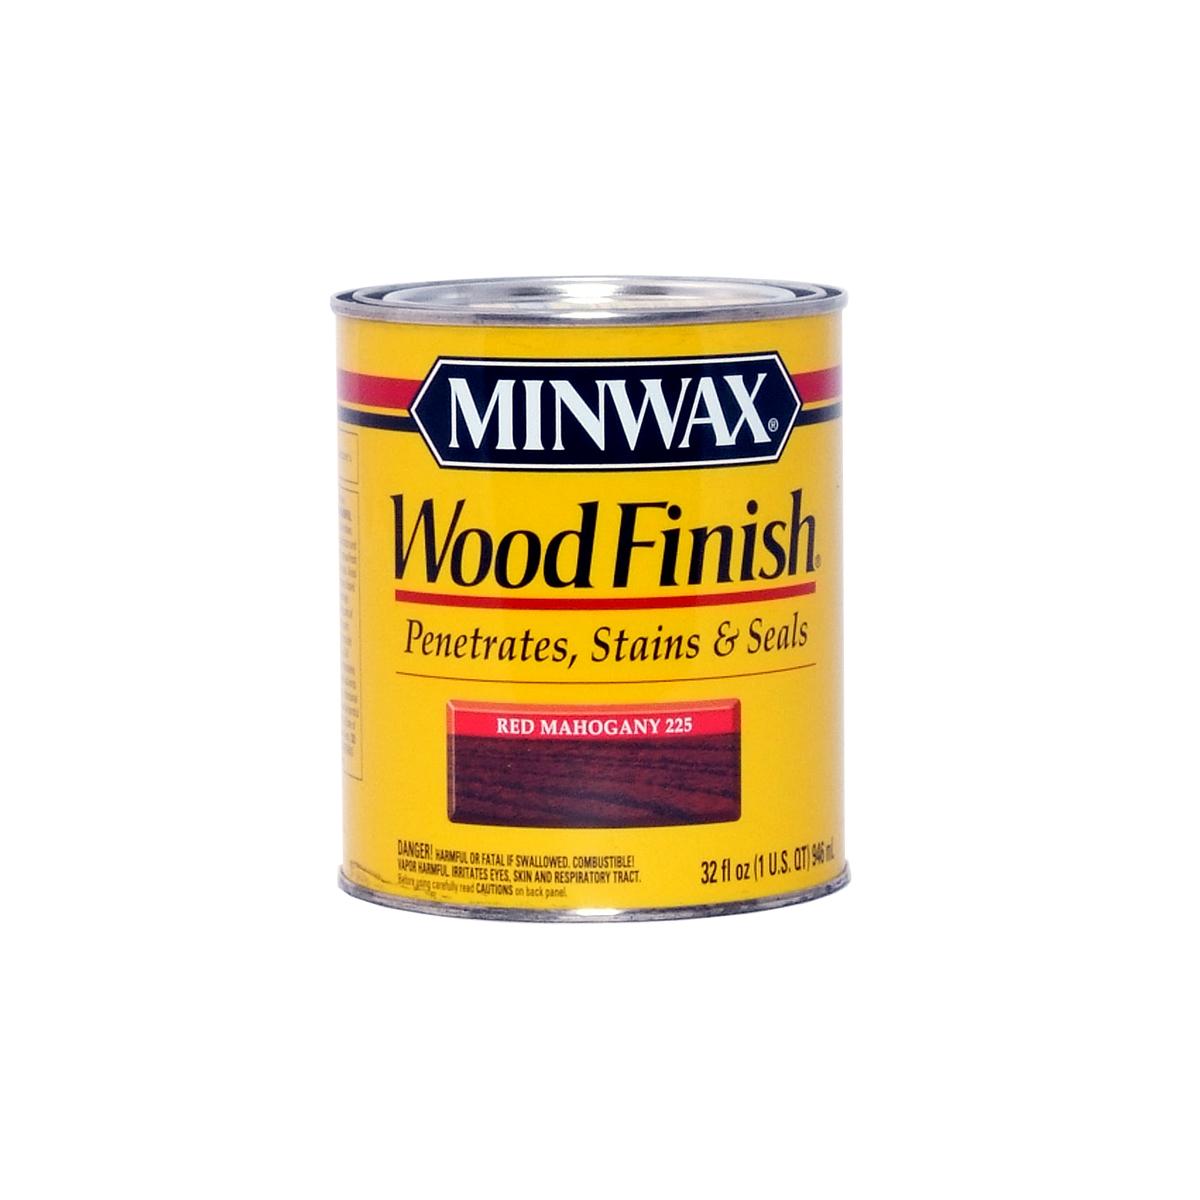 Minwax Red Mahogany 225 Stain